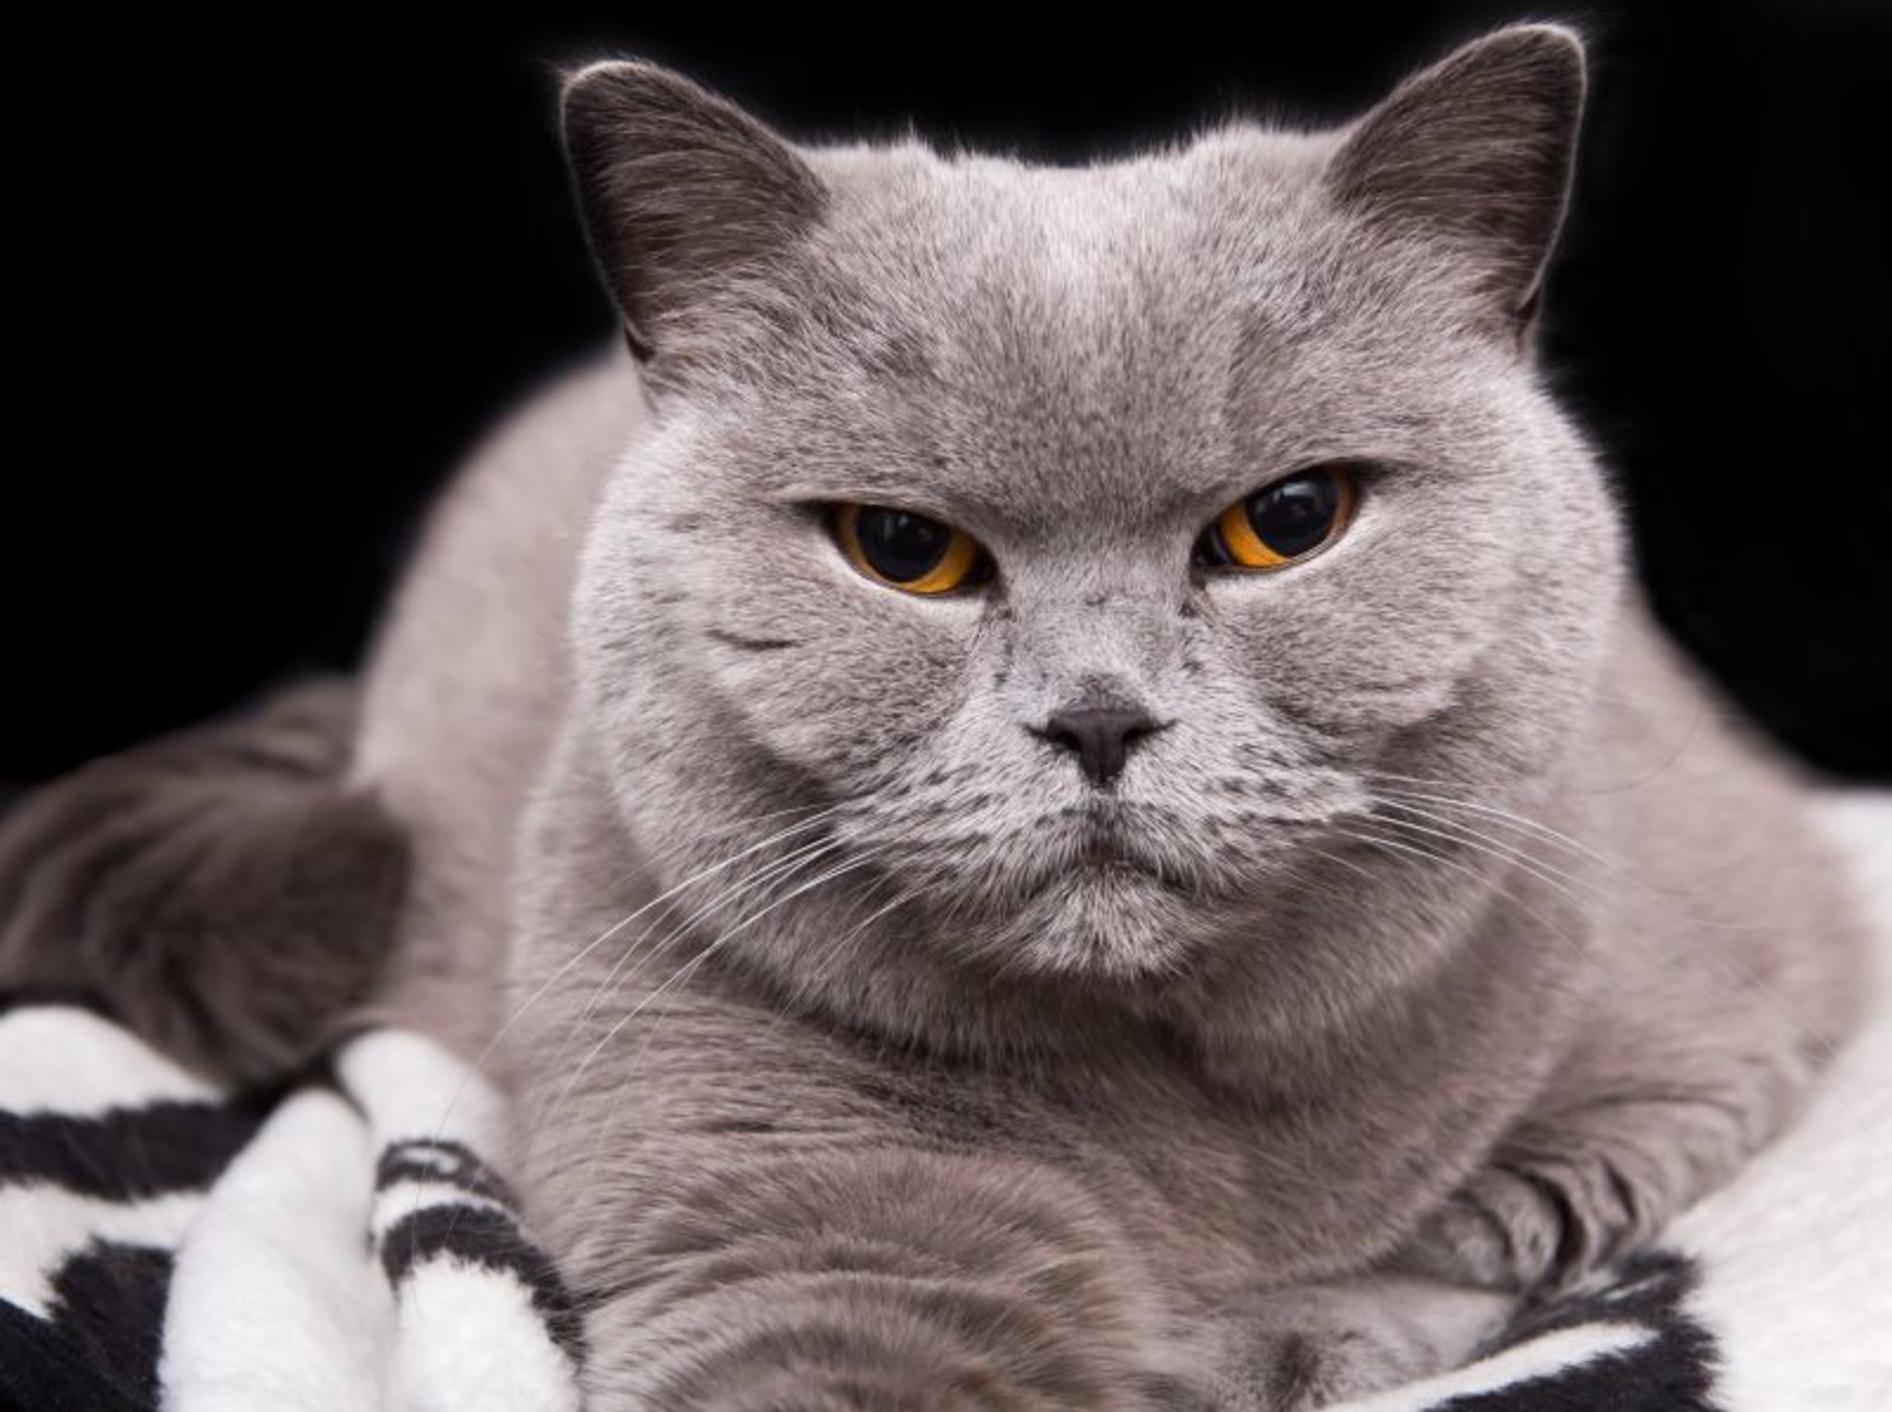 Für eine alte Katze ist vieles nicht mehr ganz so leicht – Bild: Shutterstock / Maciej Czekajewski